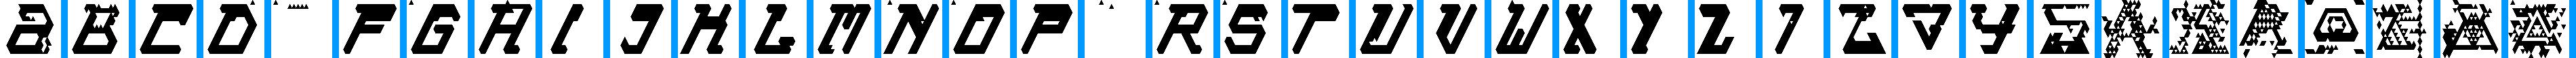 Particip-a-type v.226